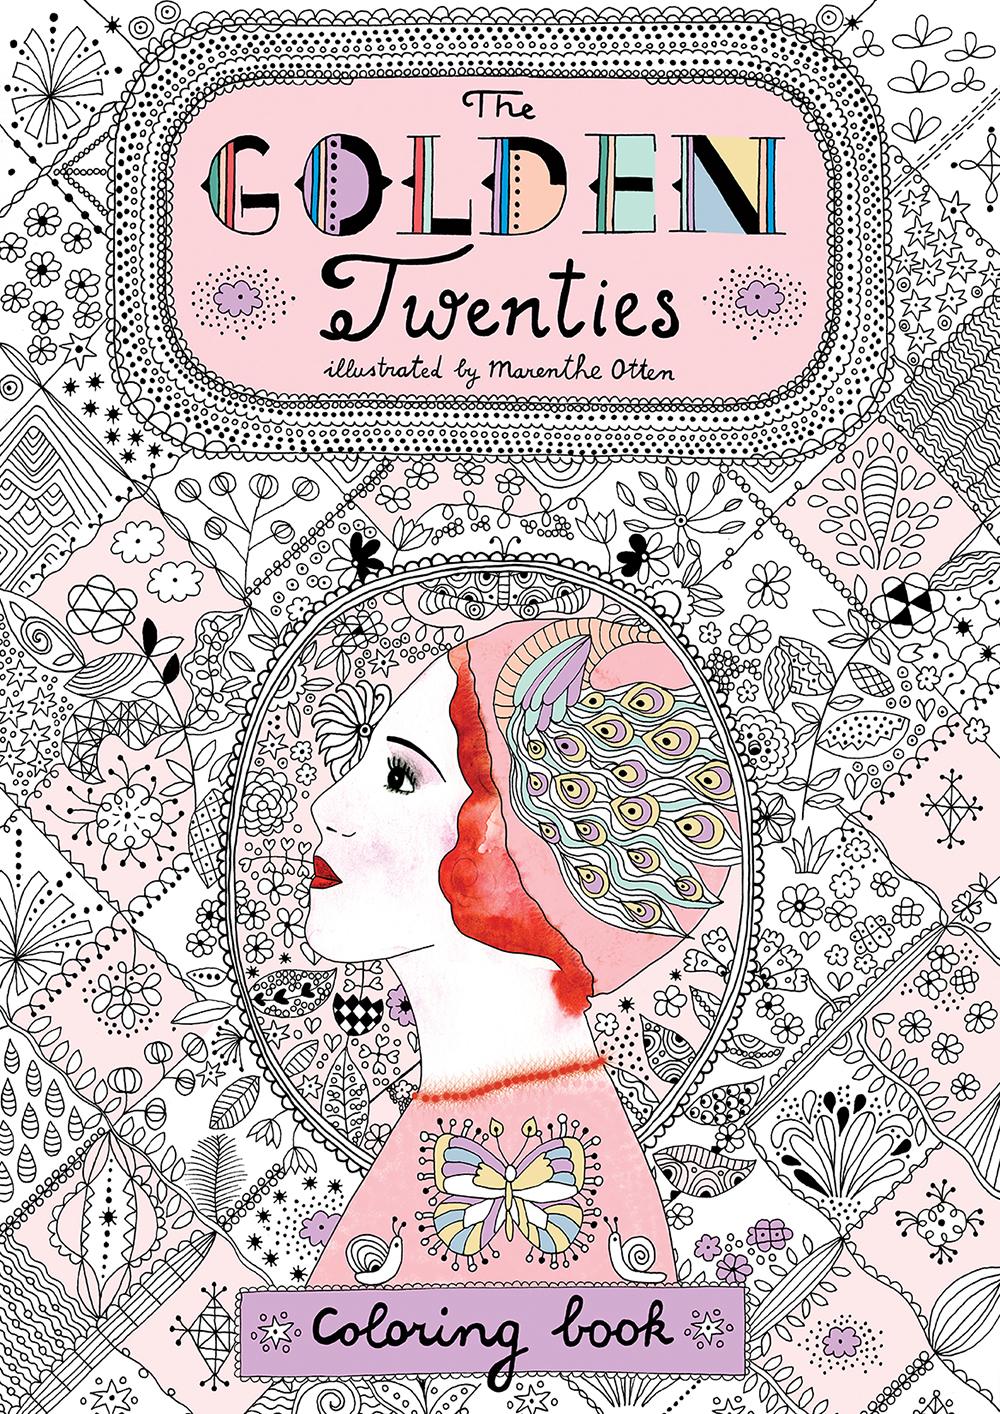 Marenthe Golden Twenties illustration Coloring book.jpg